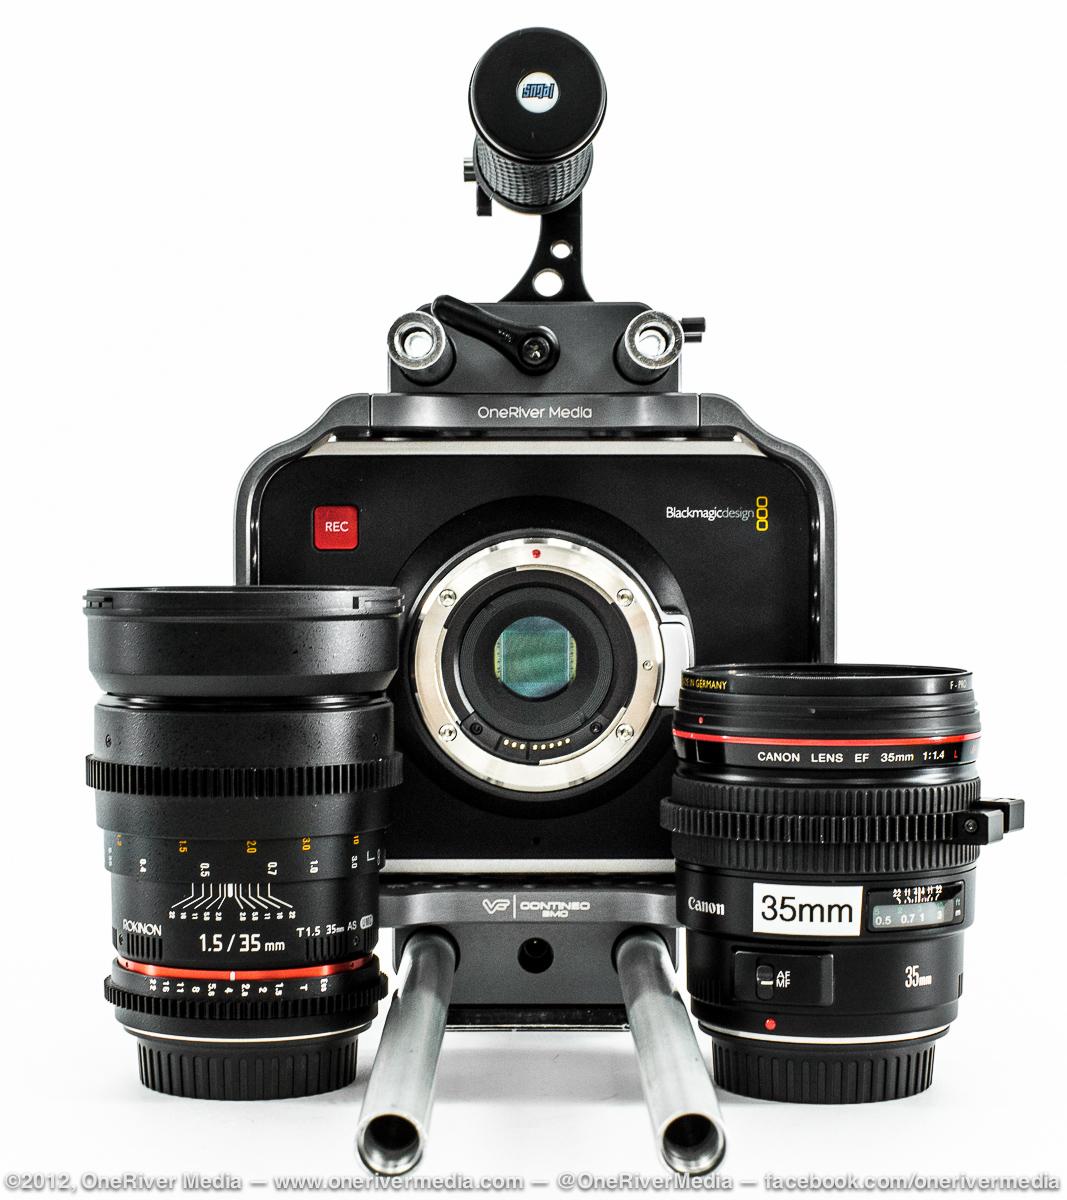 Samyang 24mm T15 Cine Vdslr Lens Canon Eos Lenses Sigma 20mm Ff High Speed Prime For Sony